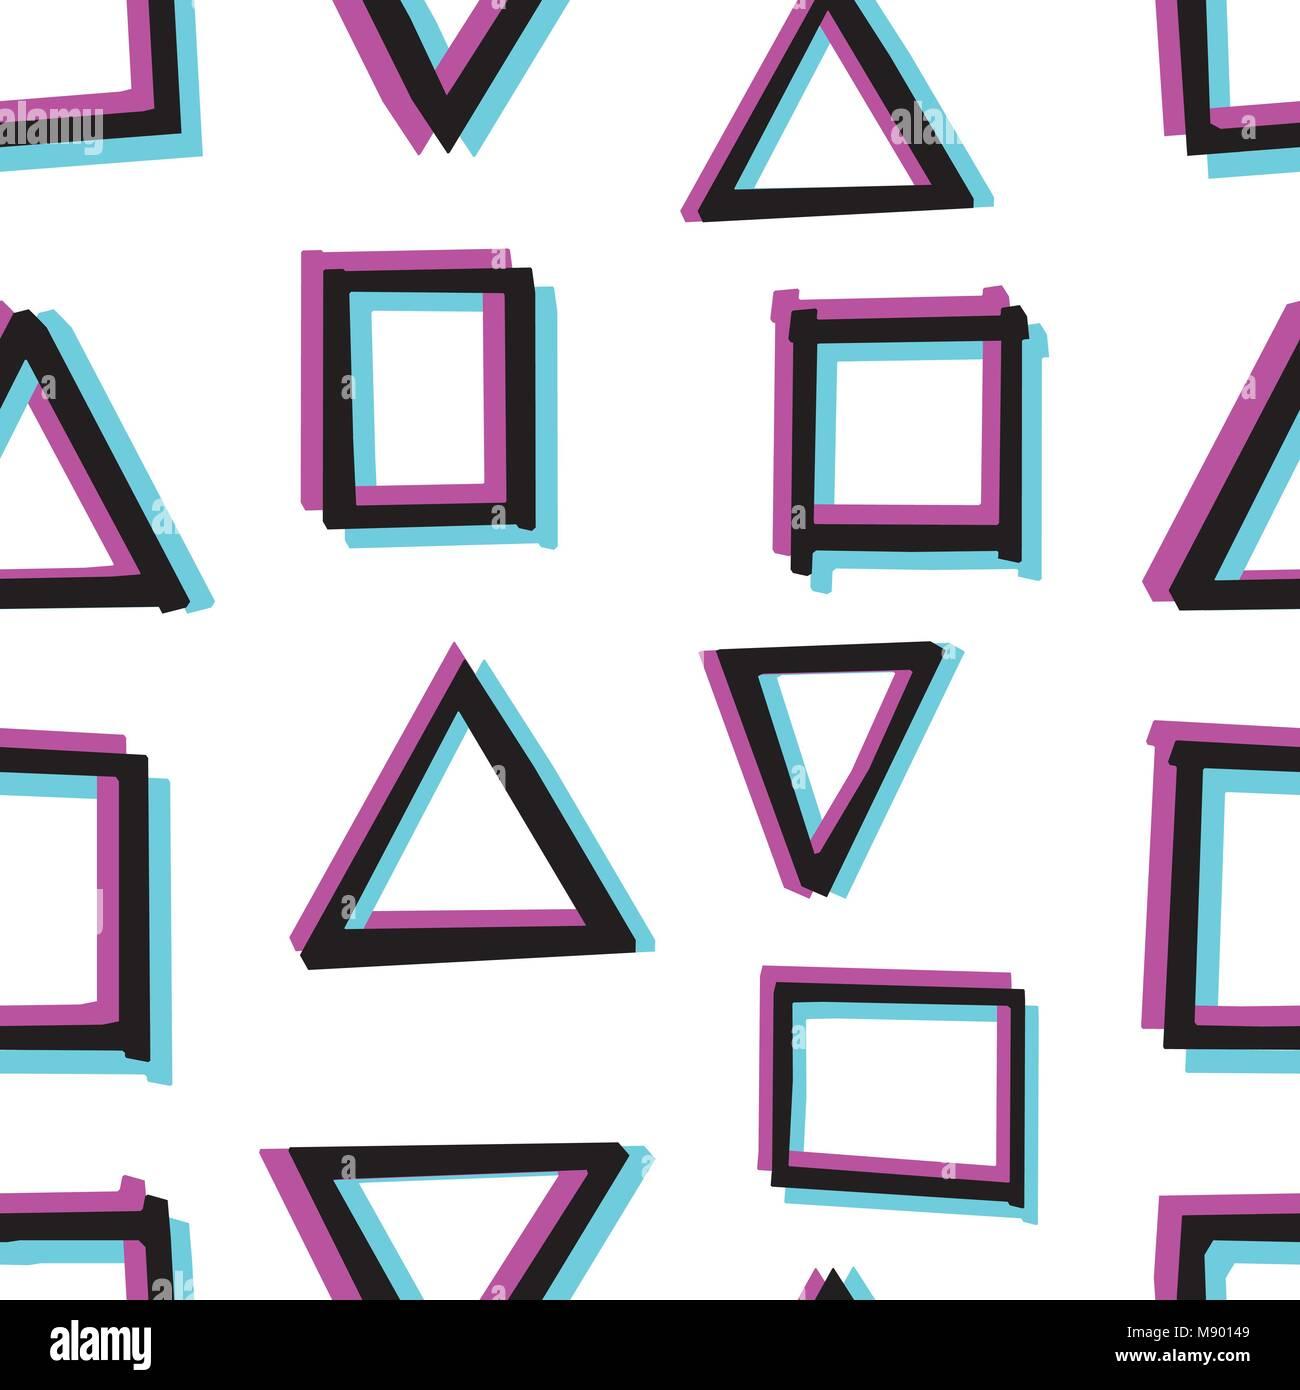 Fantastisch Druckbare Gezeichnetes Papier Probe Ideen - Bilder für ...